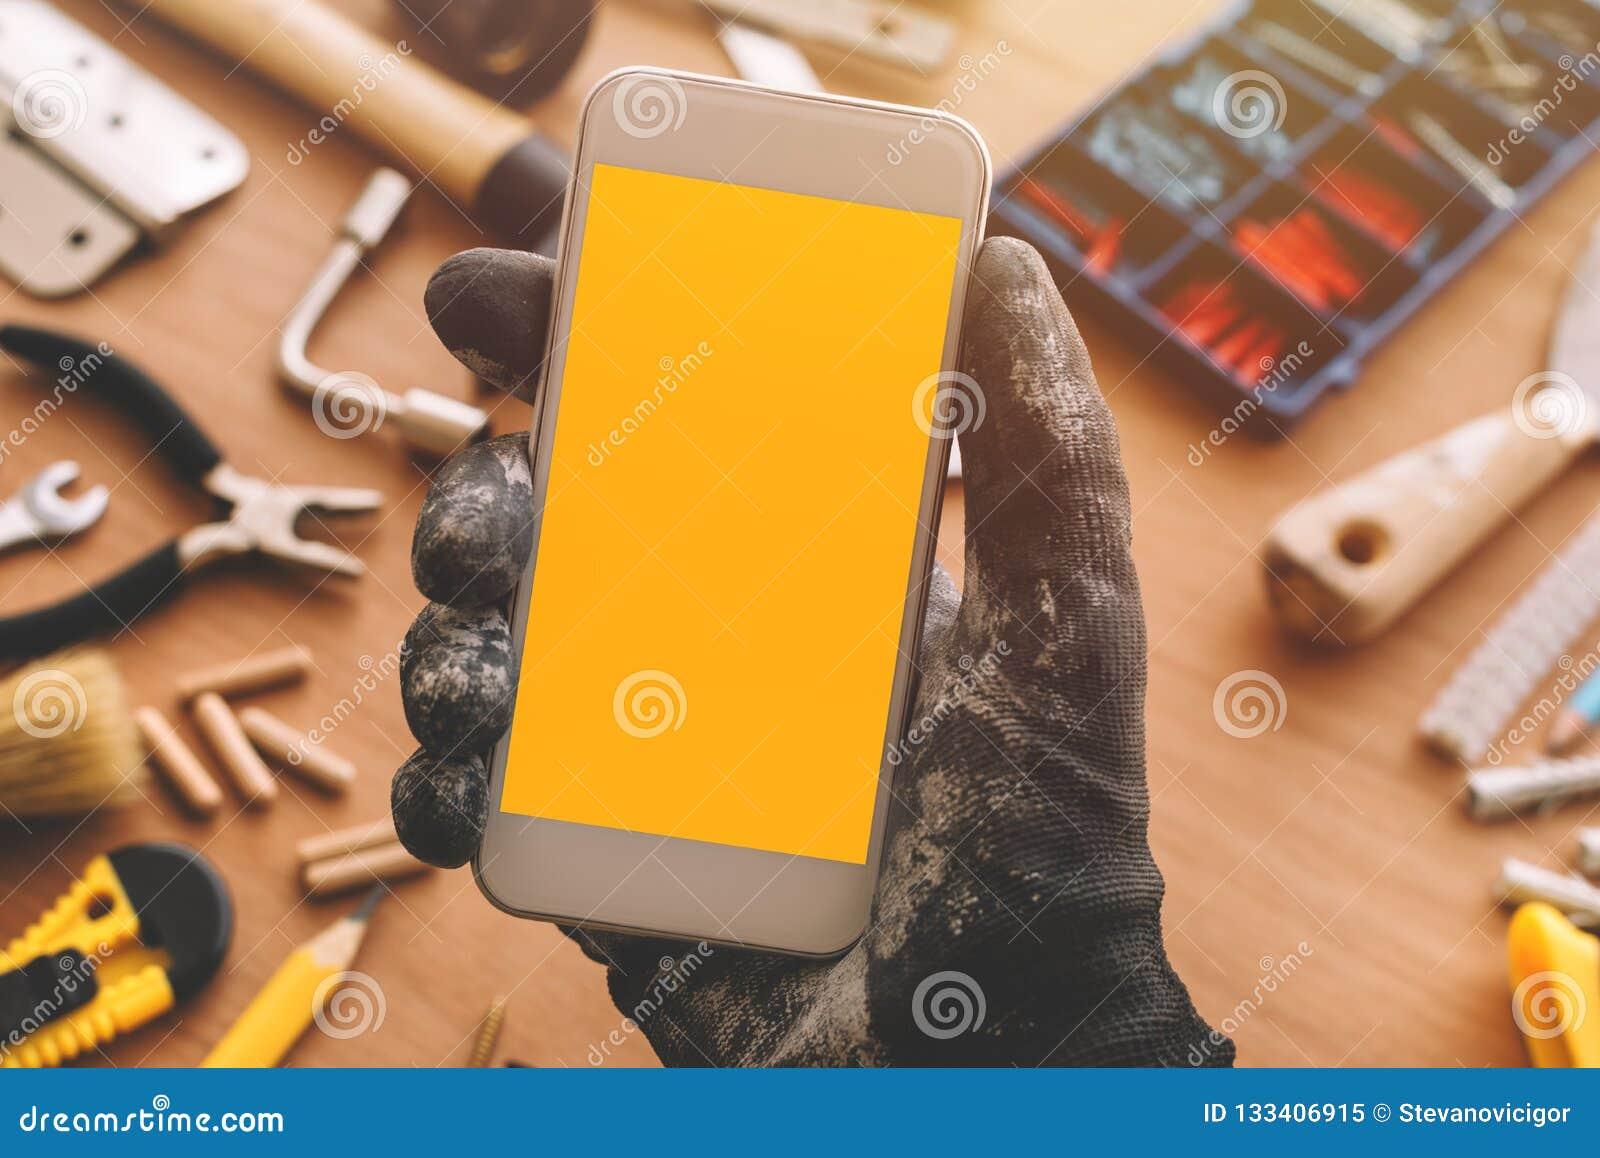 App elegante del teléfono del reparador, manitas que sostiene el teléfono móvil a disposición